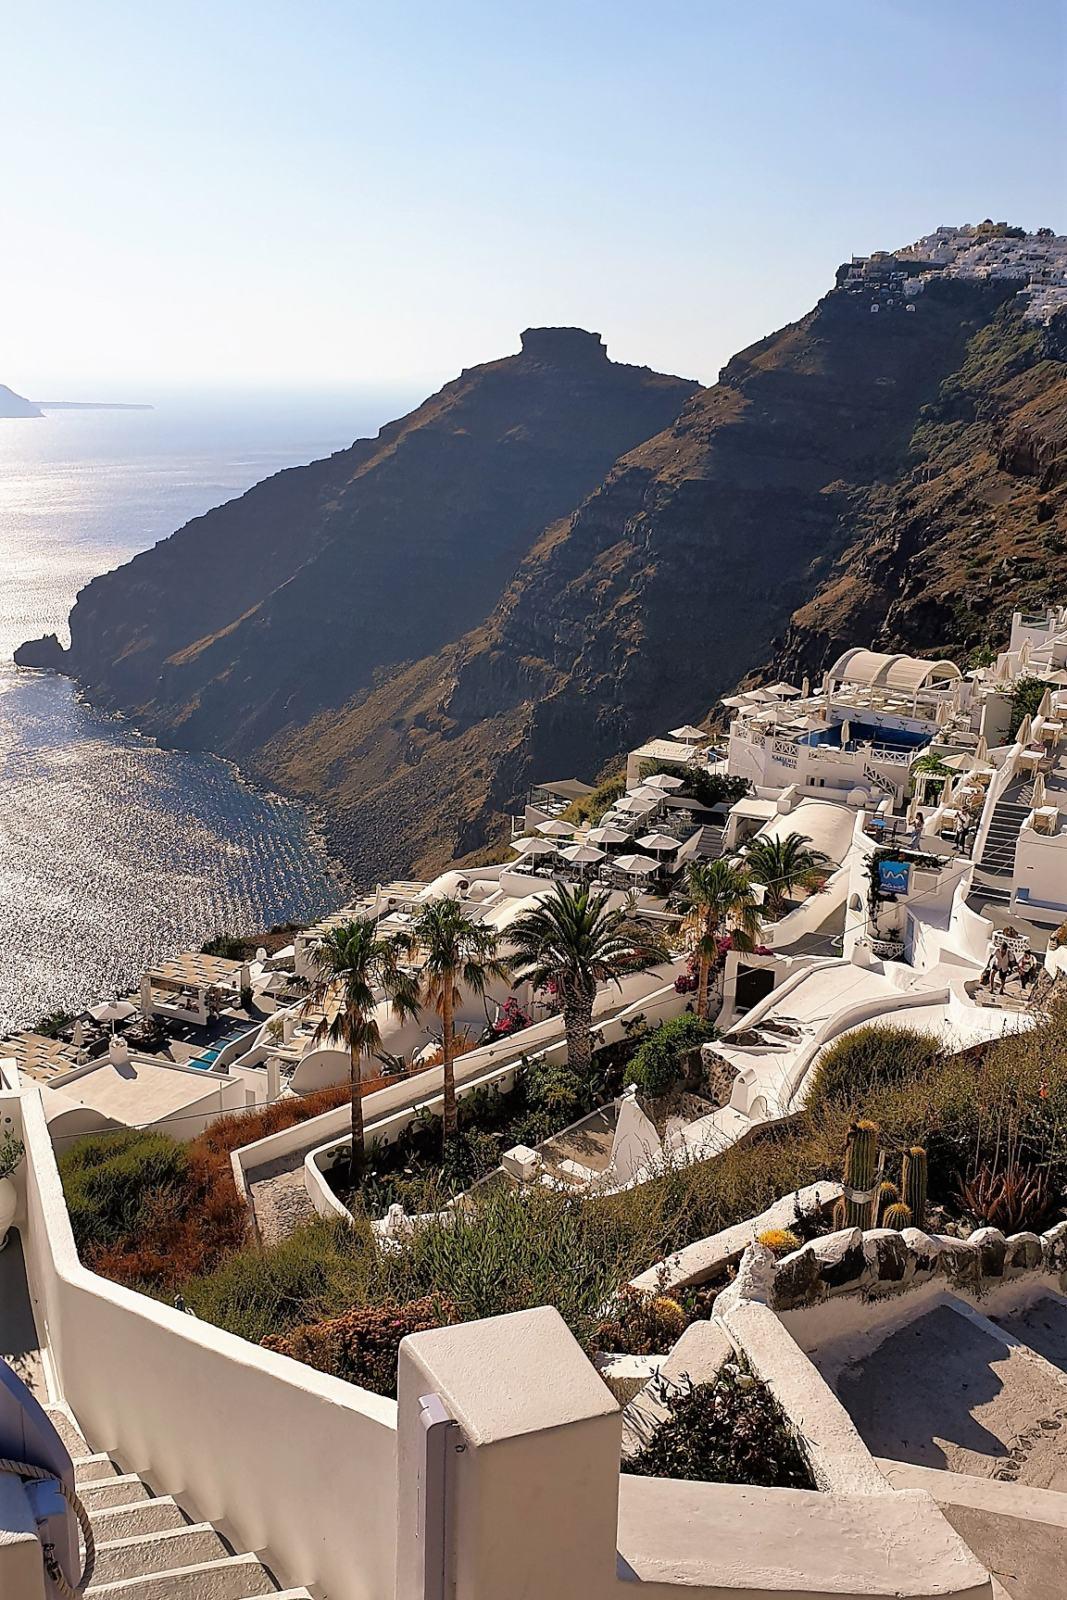 Santorini - Villaggio di Firostefani